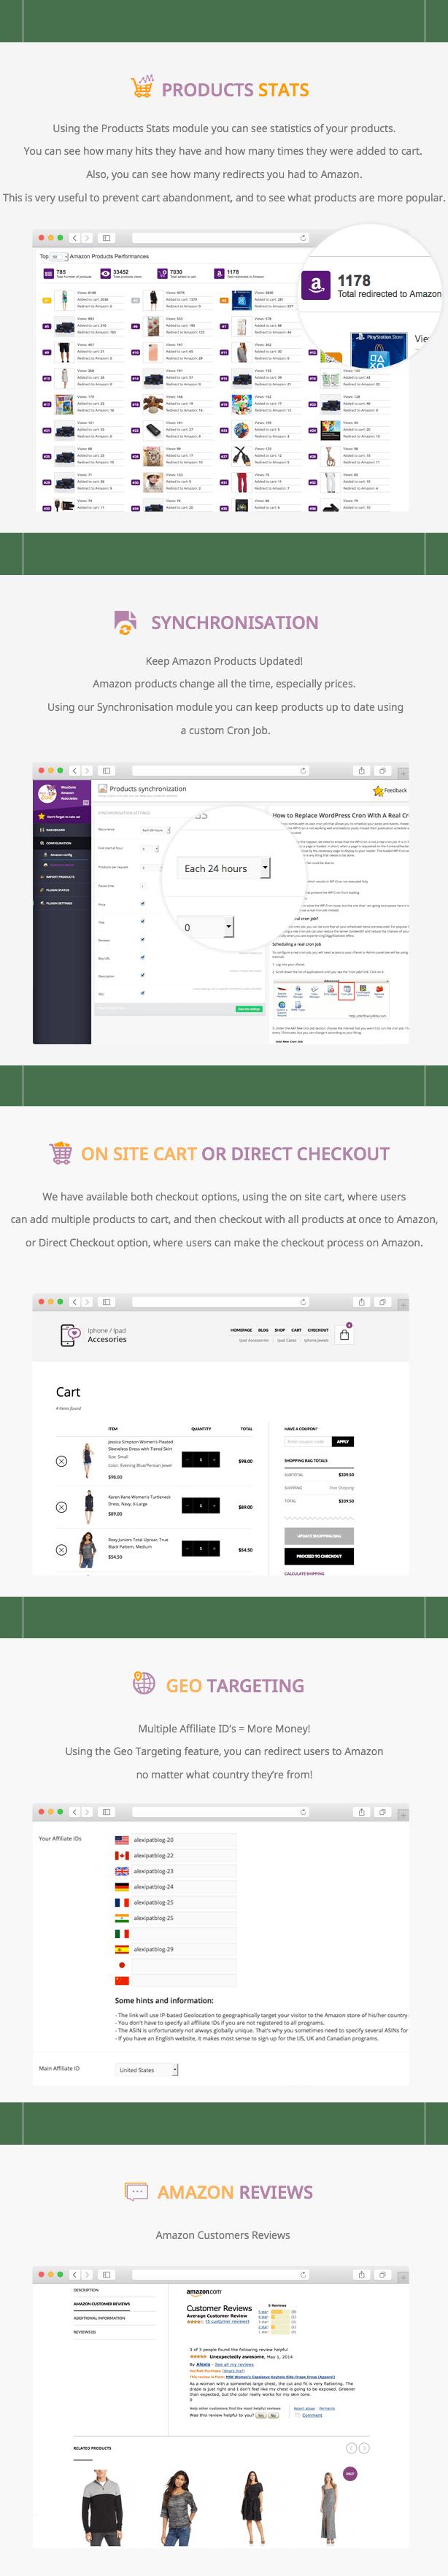 WooCommerce Amazon Affiliates - WordPress Plugin - 49